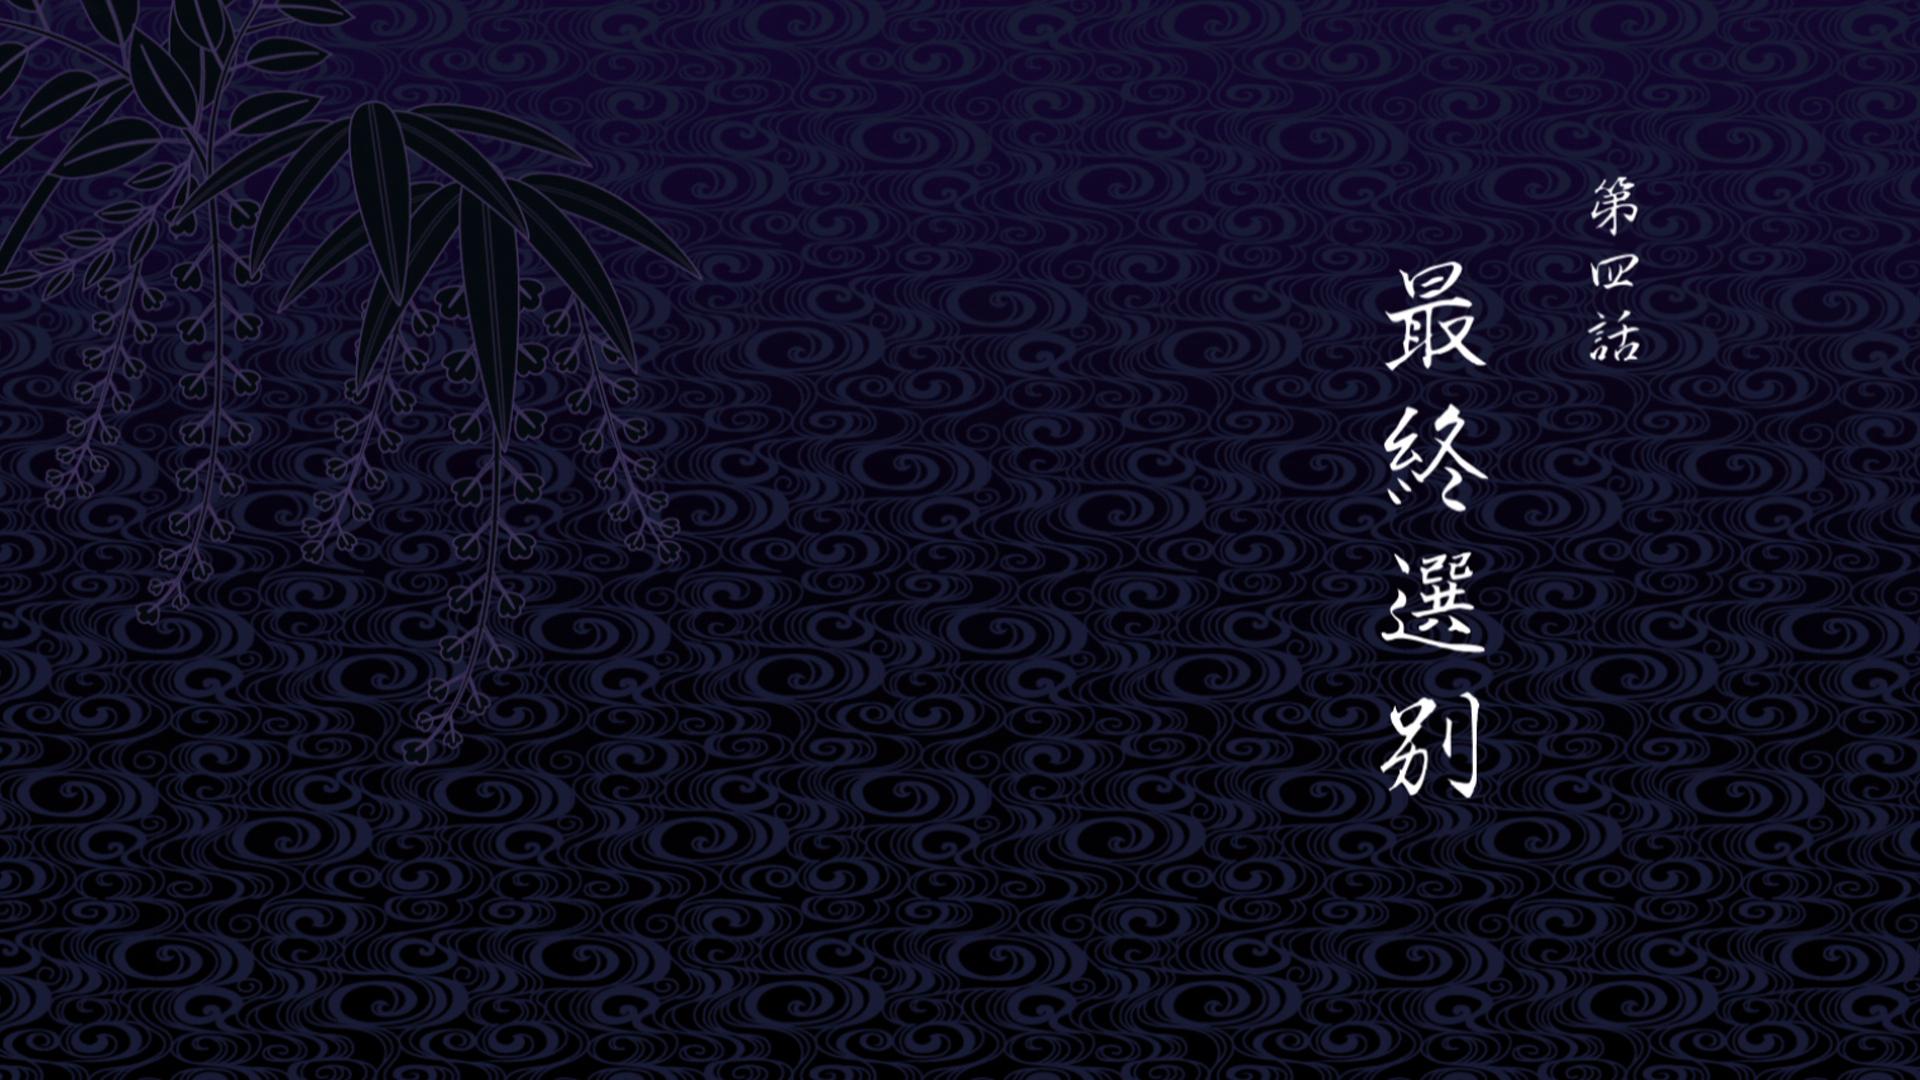 Episode 4 Demon Slayer Kimetsu No Yaiba Wiki Fandom